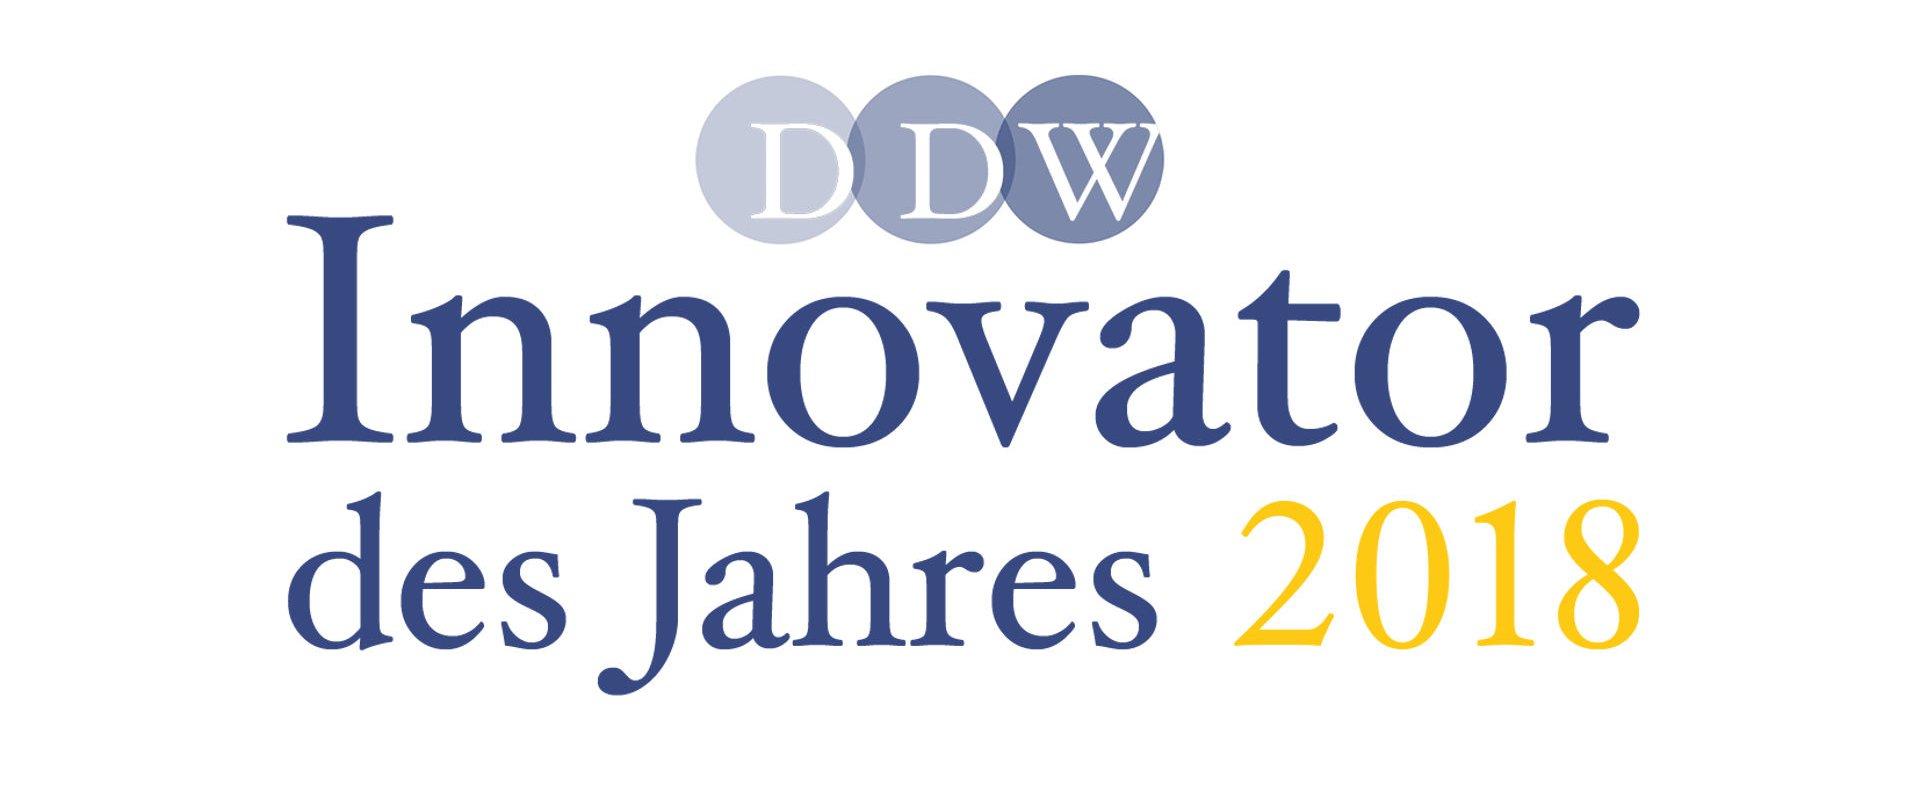 Innovator des Jahres 2018: OPTIMAL SYSTEMS erhält Nominierung